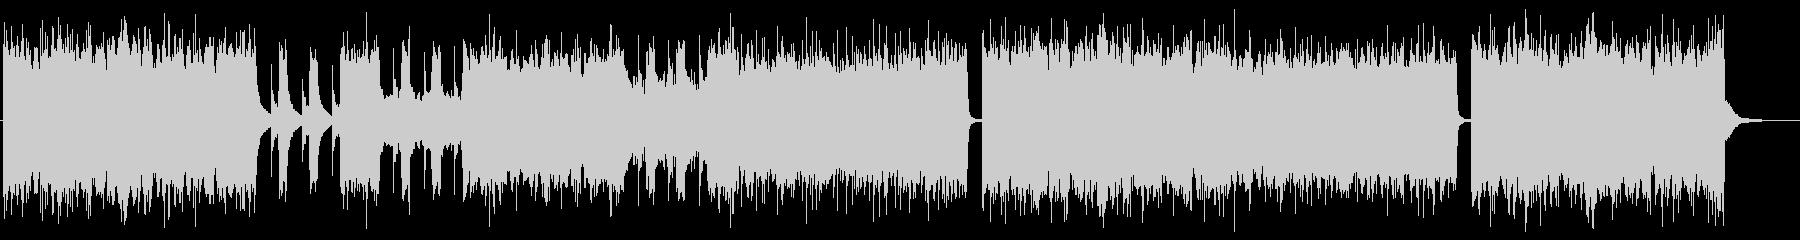 グルーヴ感のあるメタルコア バンド版の未再生の波形